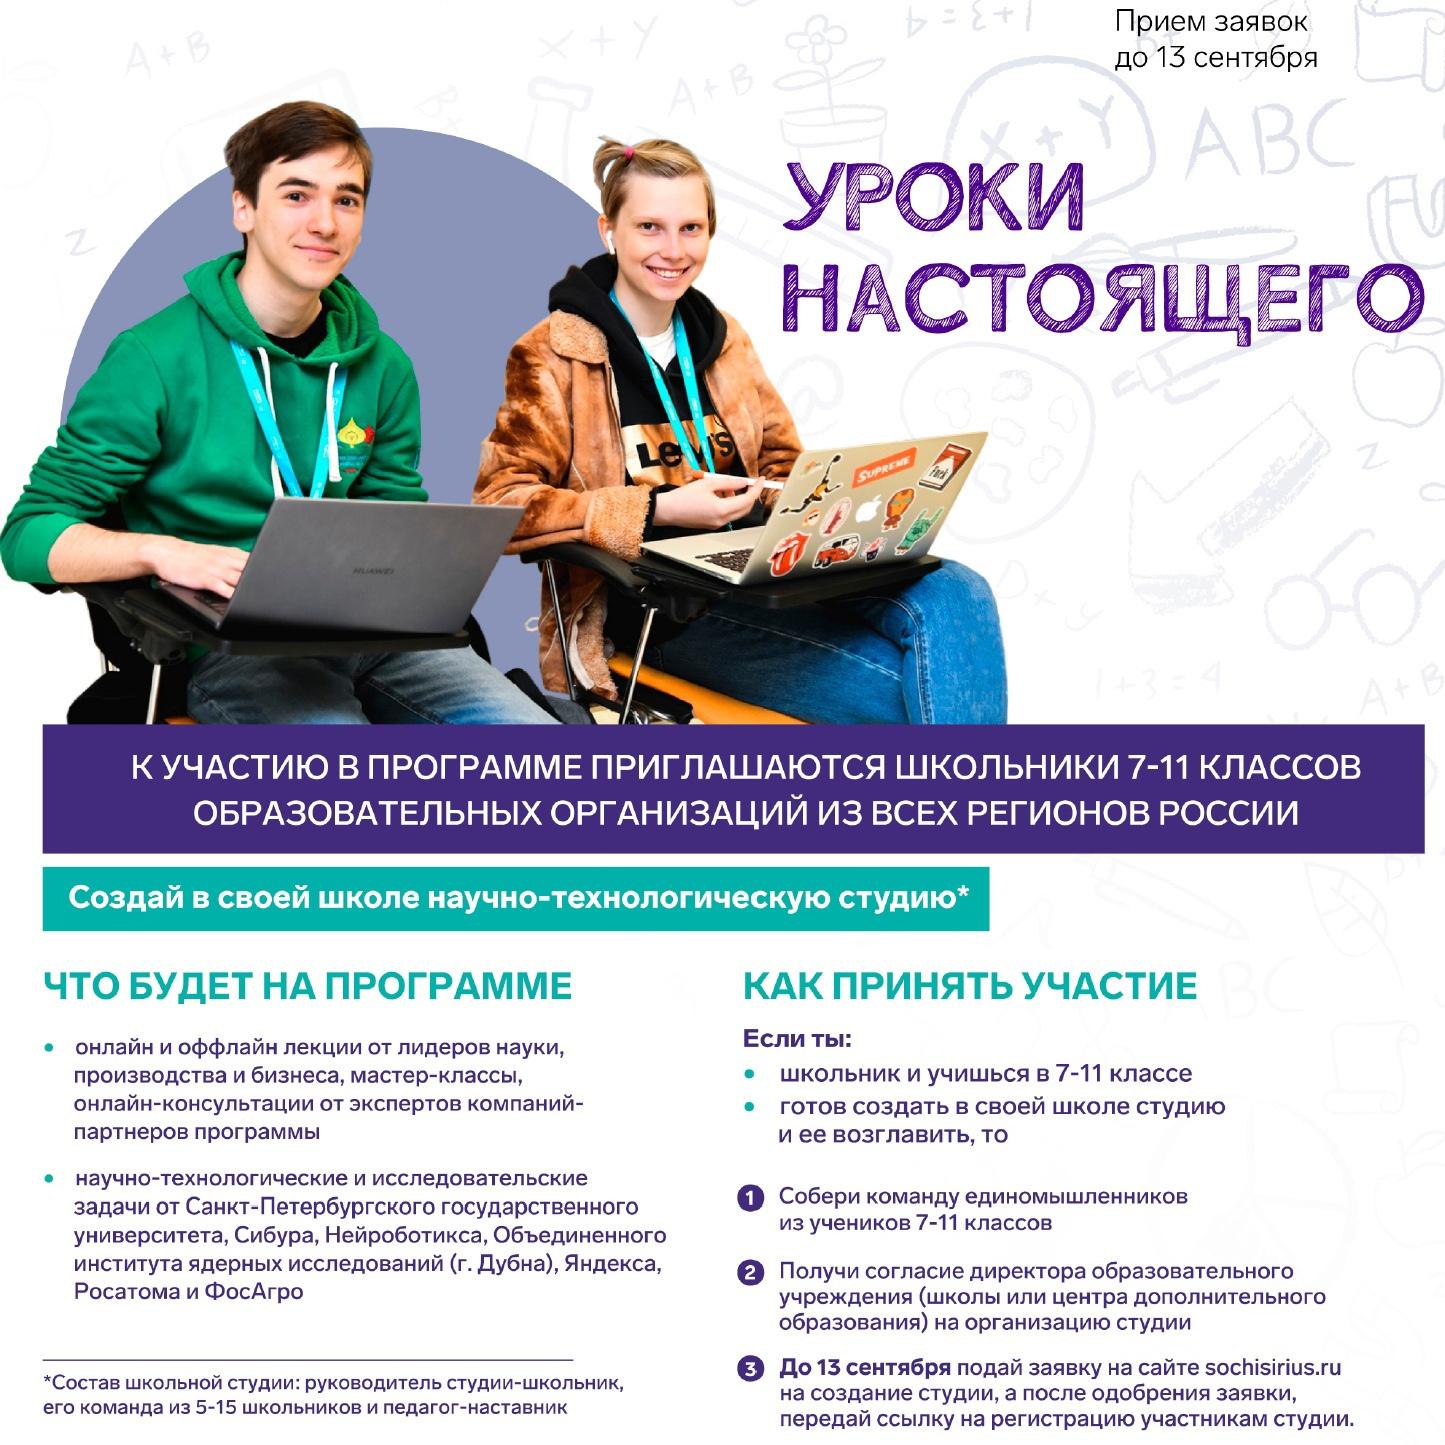 Открыта регистрация на программу «Уроки настоящего» Образовательного центра «Сириус»